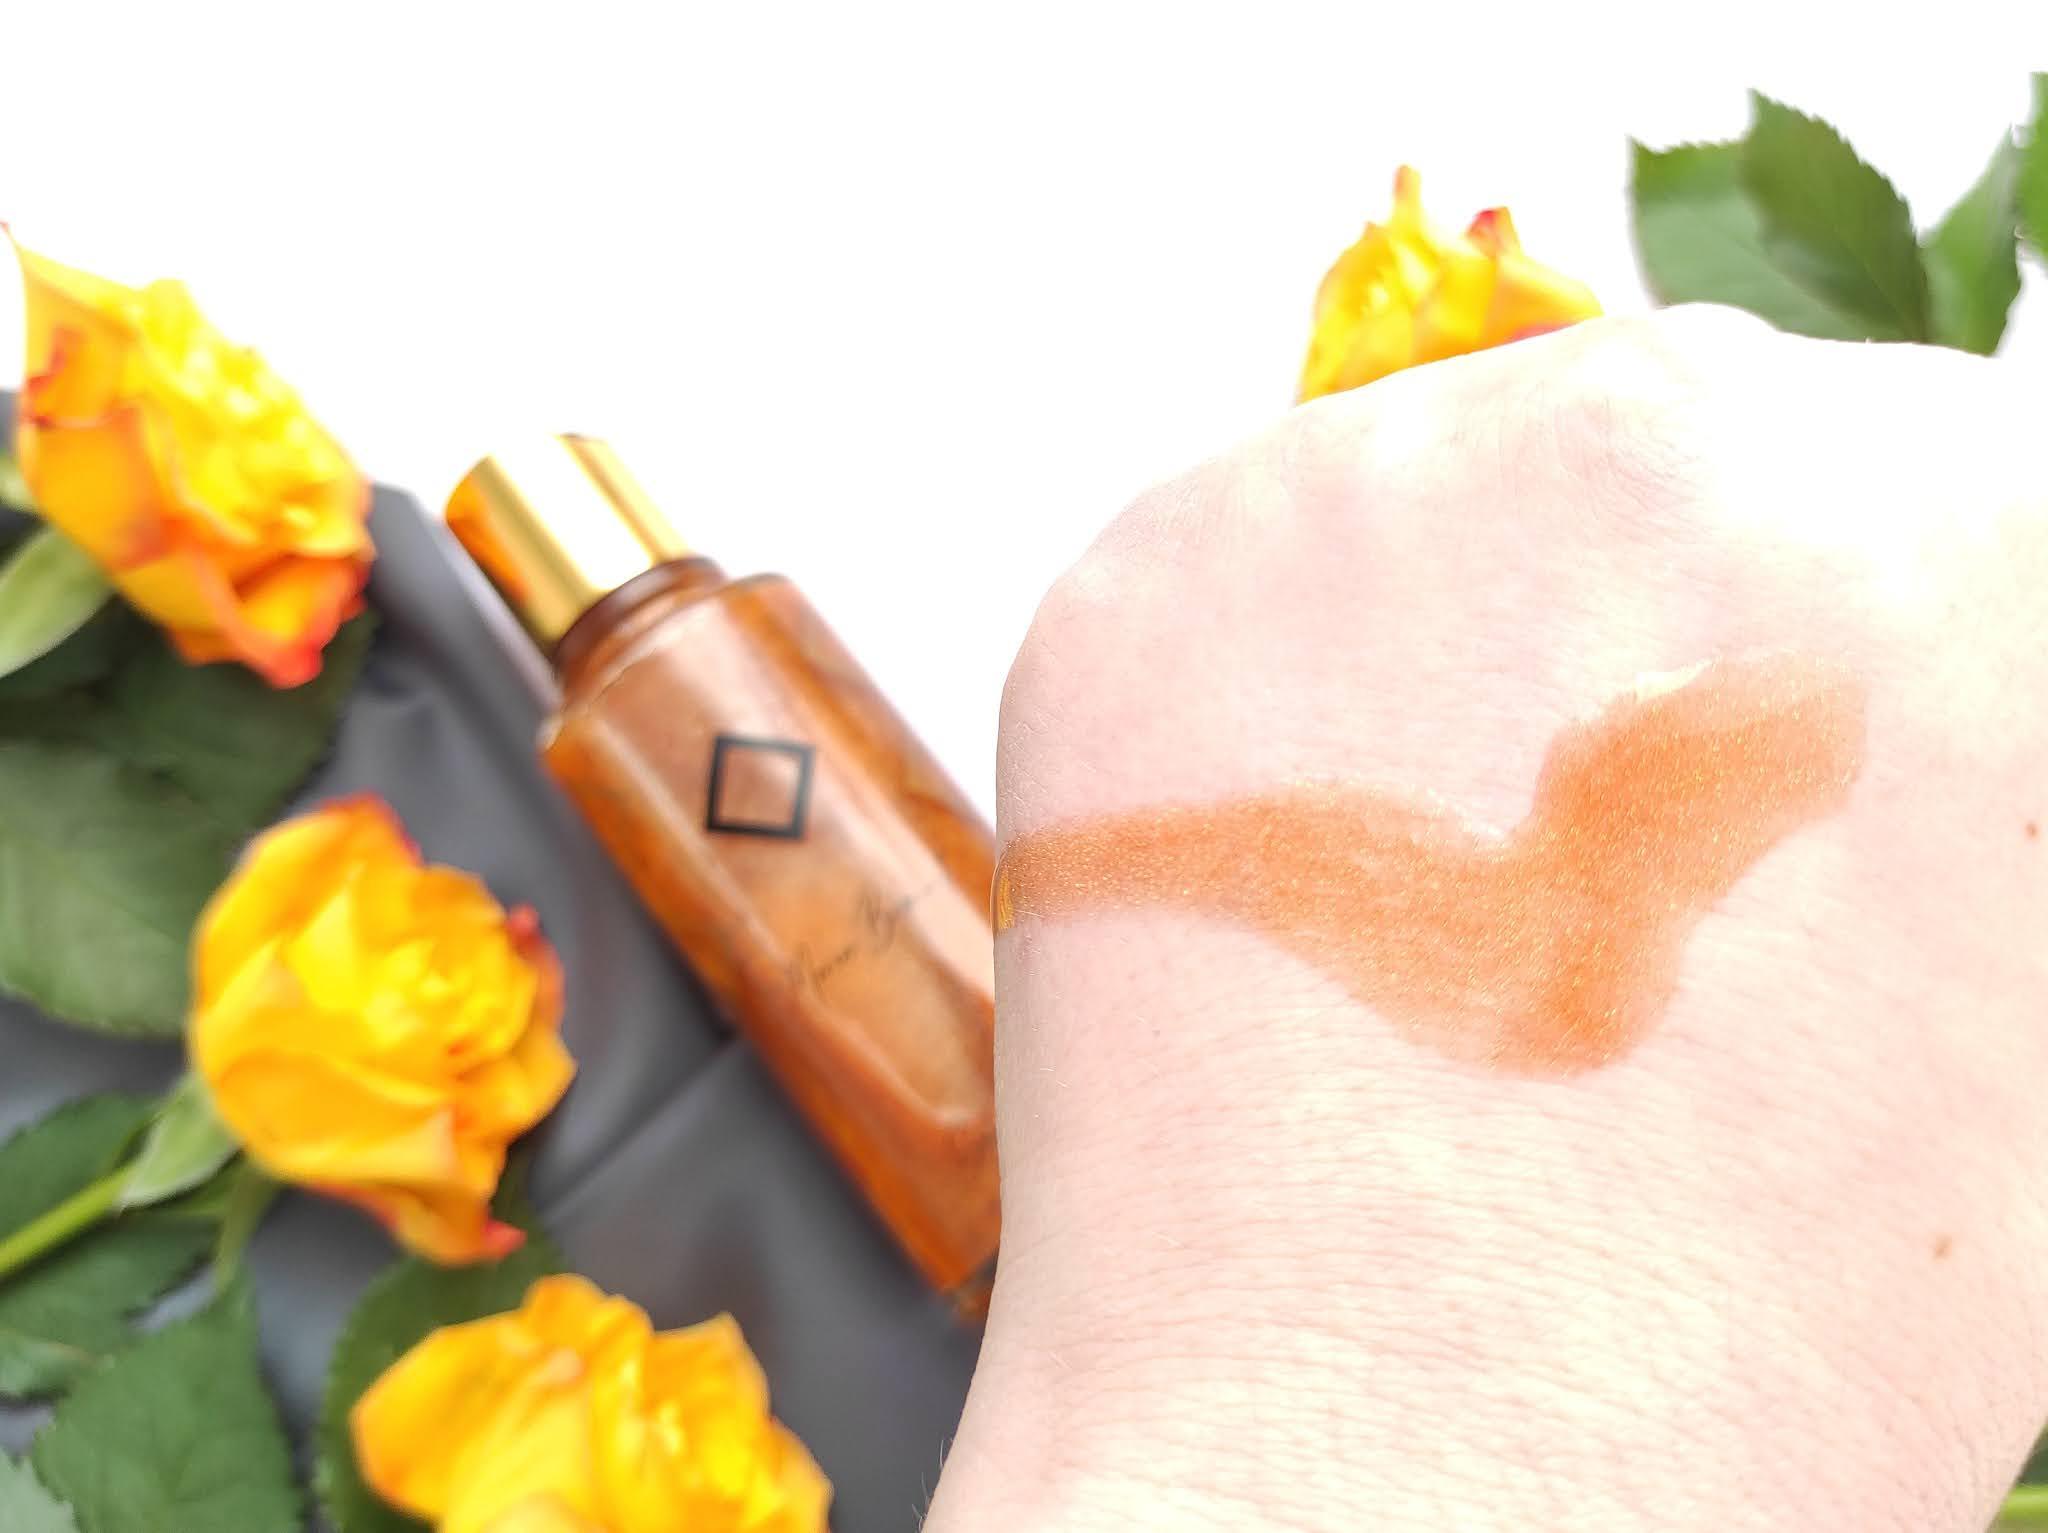 Semari olejek rozświetlający